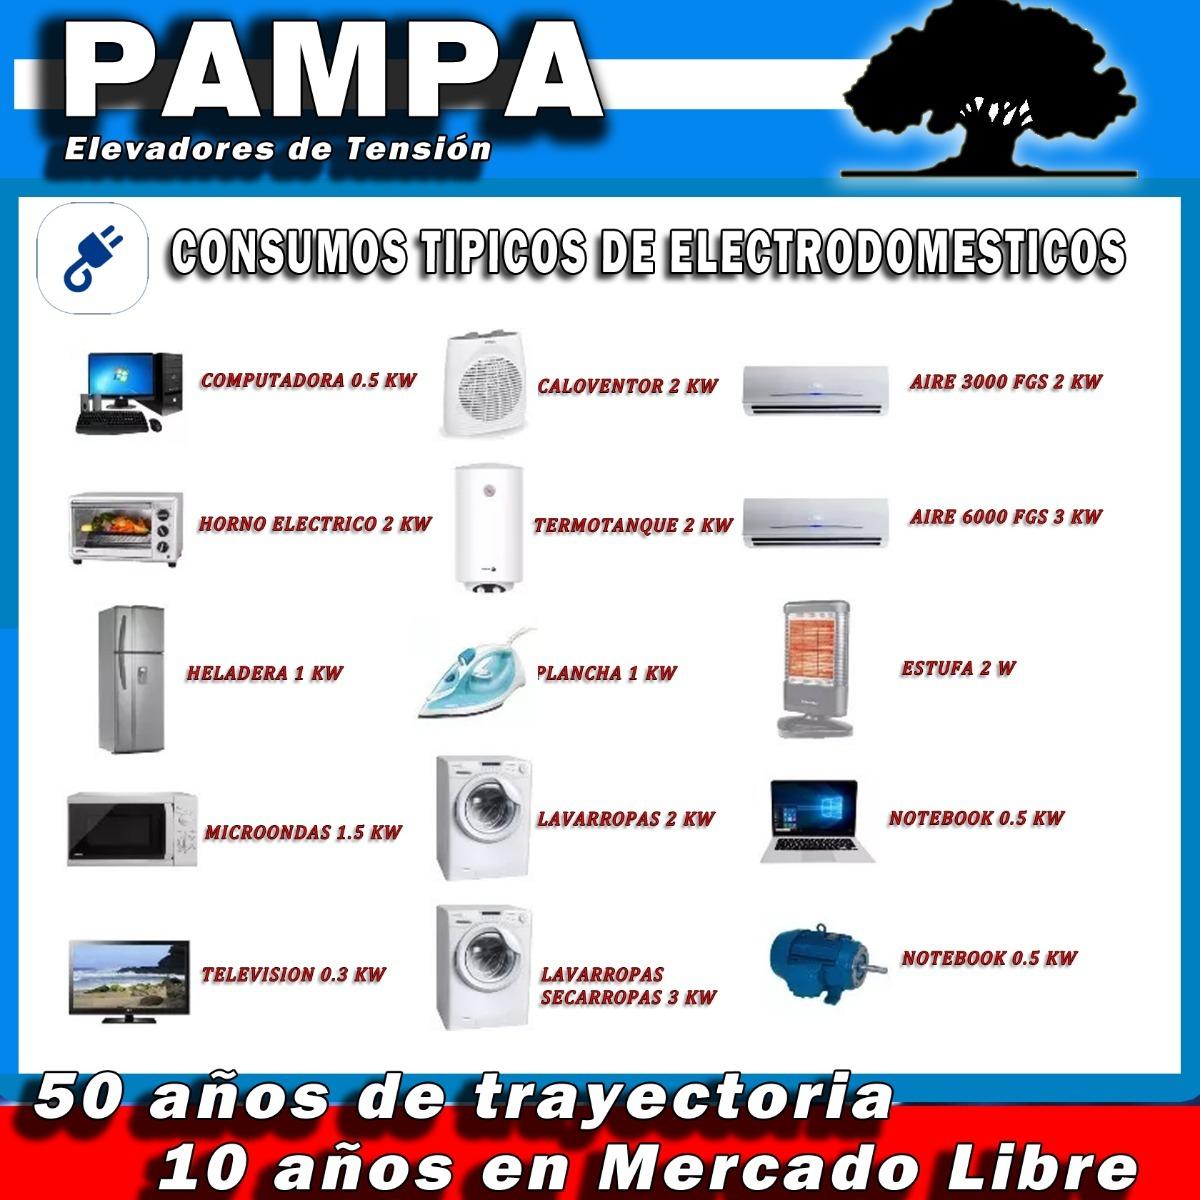 Elevador Automático De Tensión 9 Kva Pampa Estabilizador -   12.400 ... cb48dd0cad8